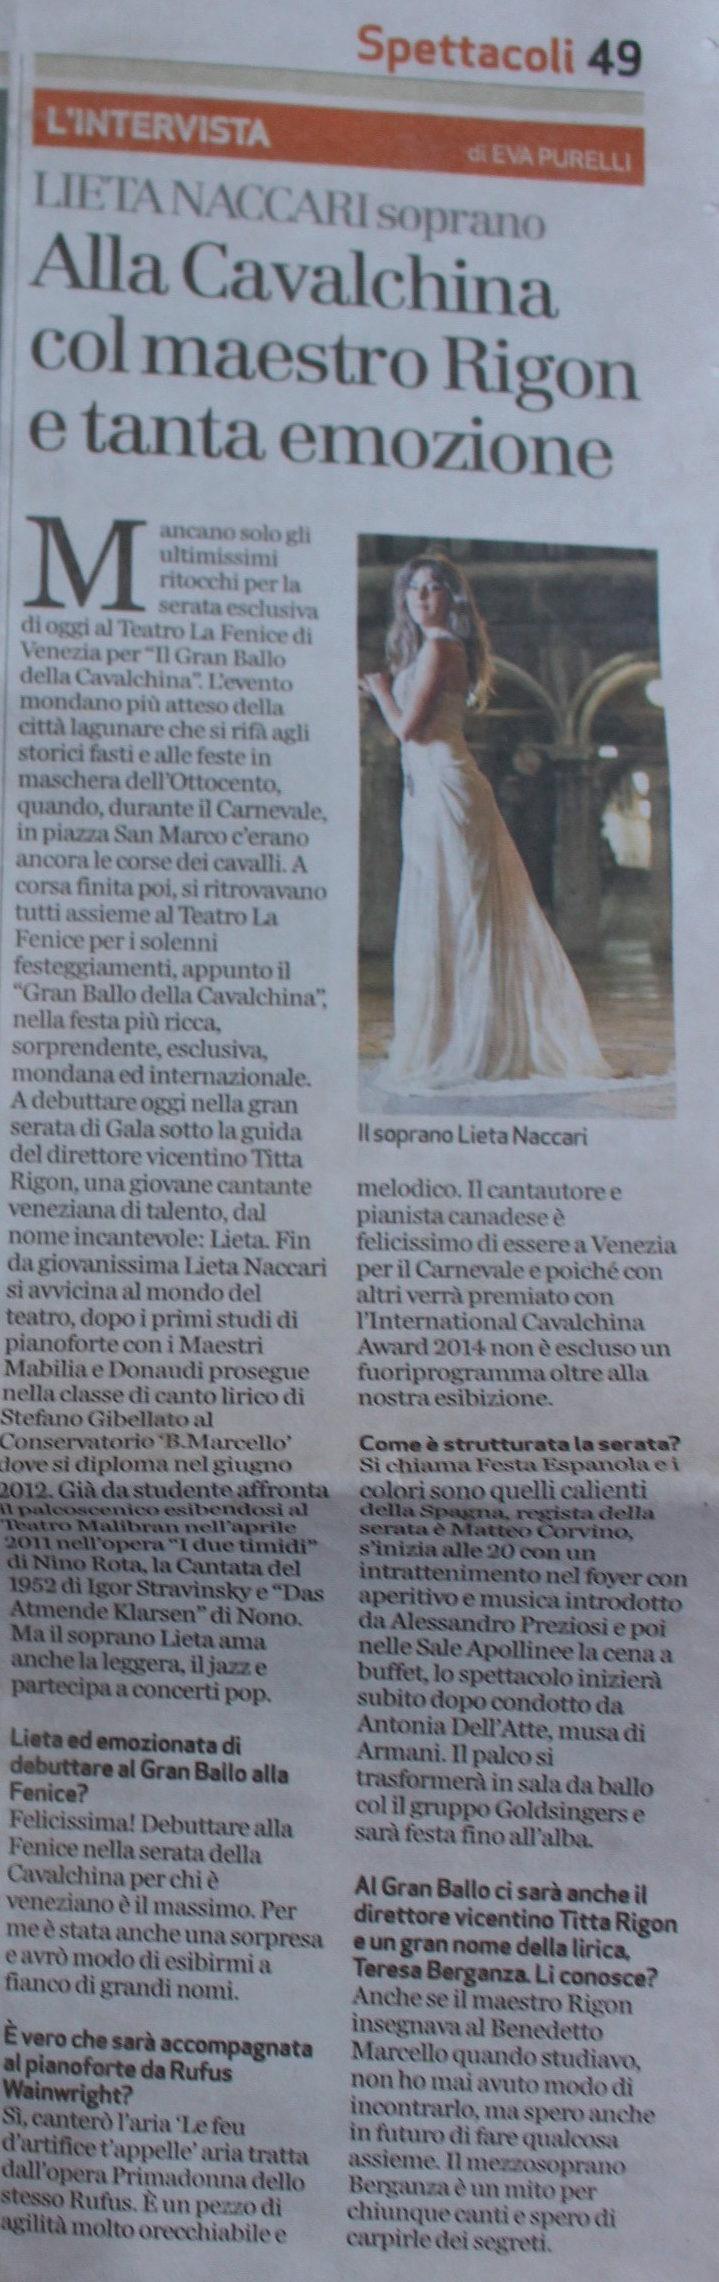 Il Giornale di Vicenza 01:03:2014